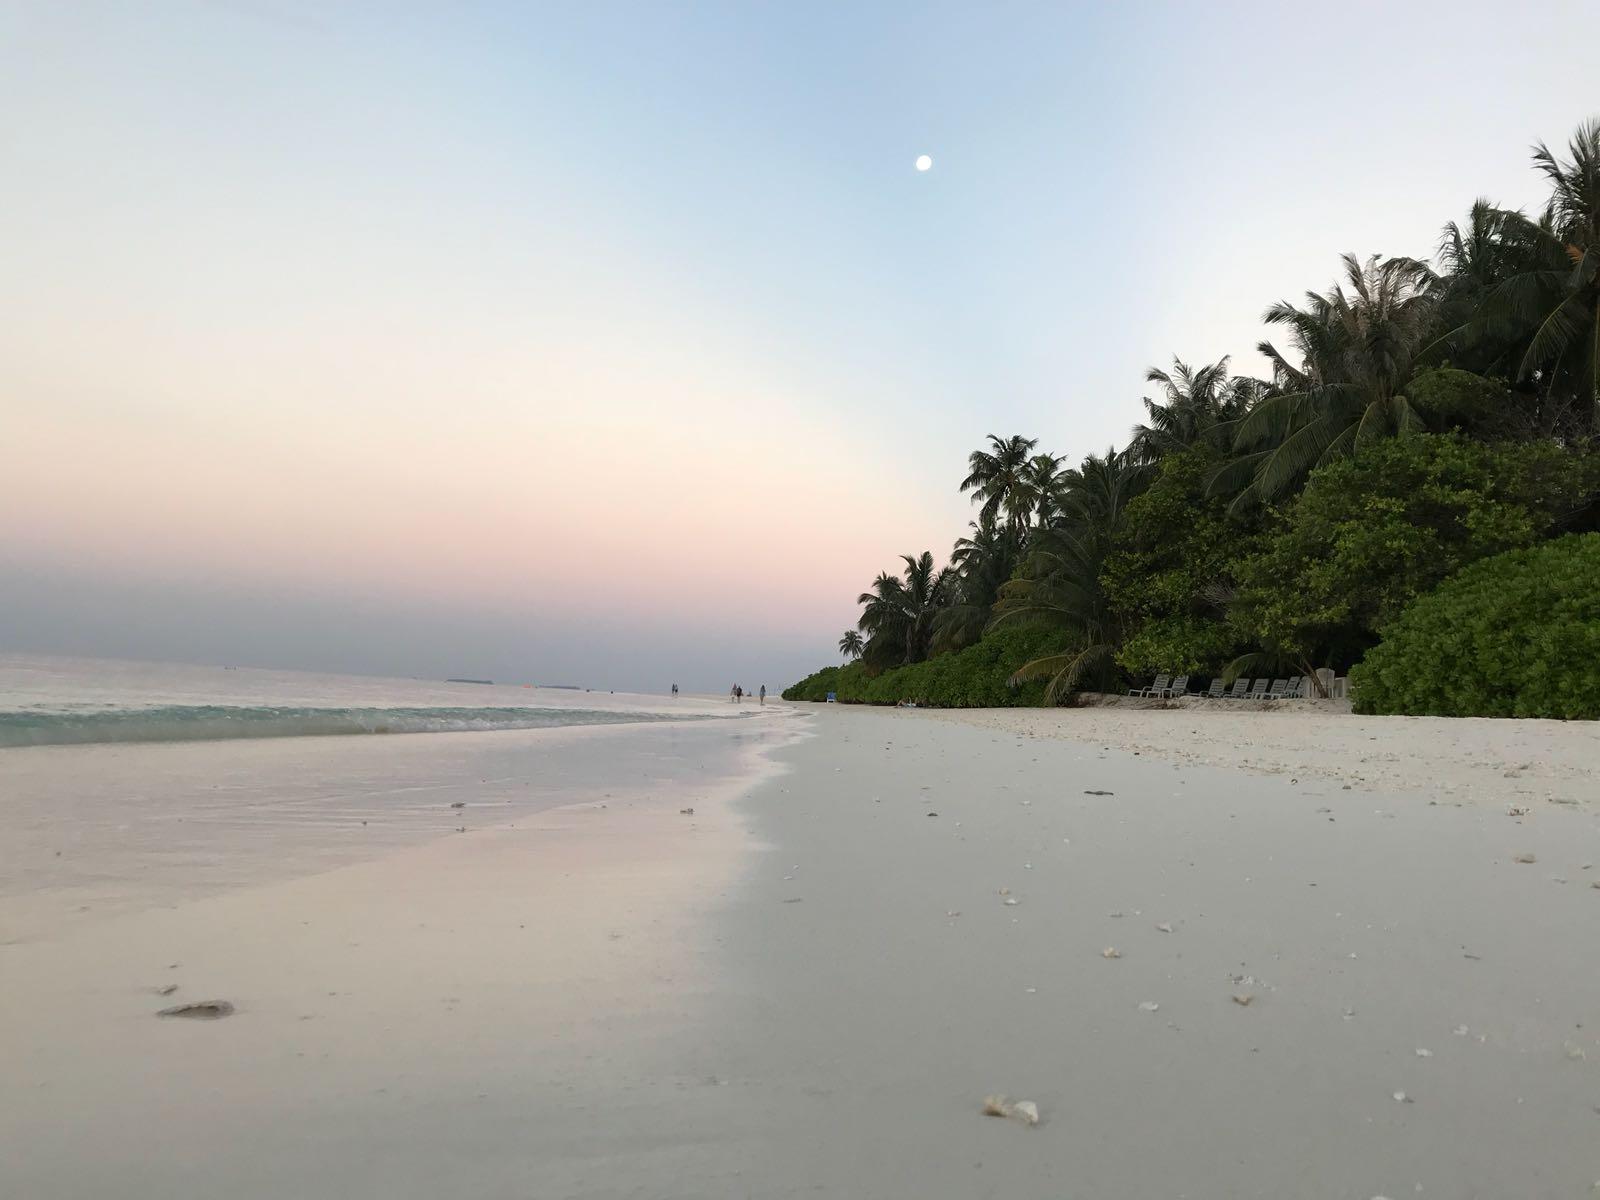 Une fin de journée paisible sur l'une des nombreuses îles des Maldives